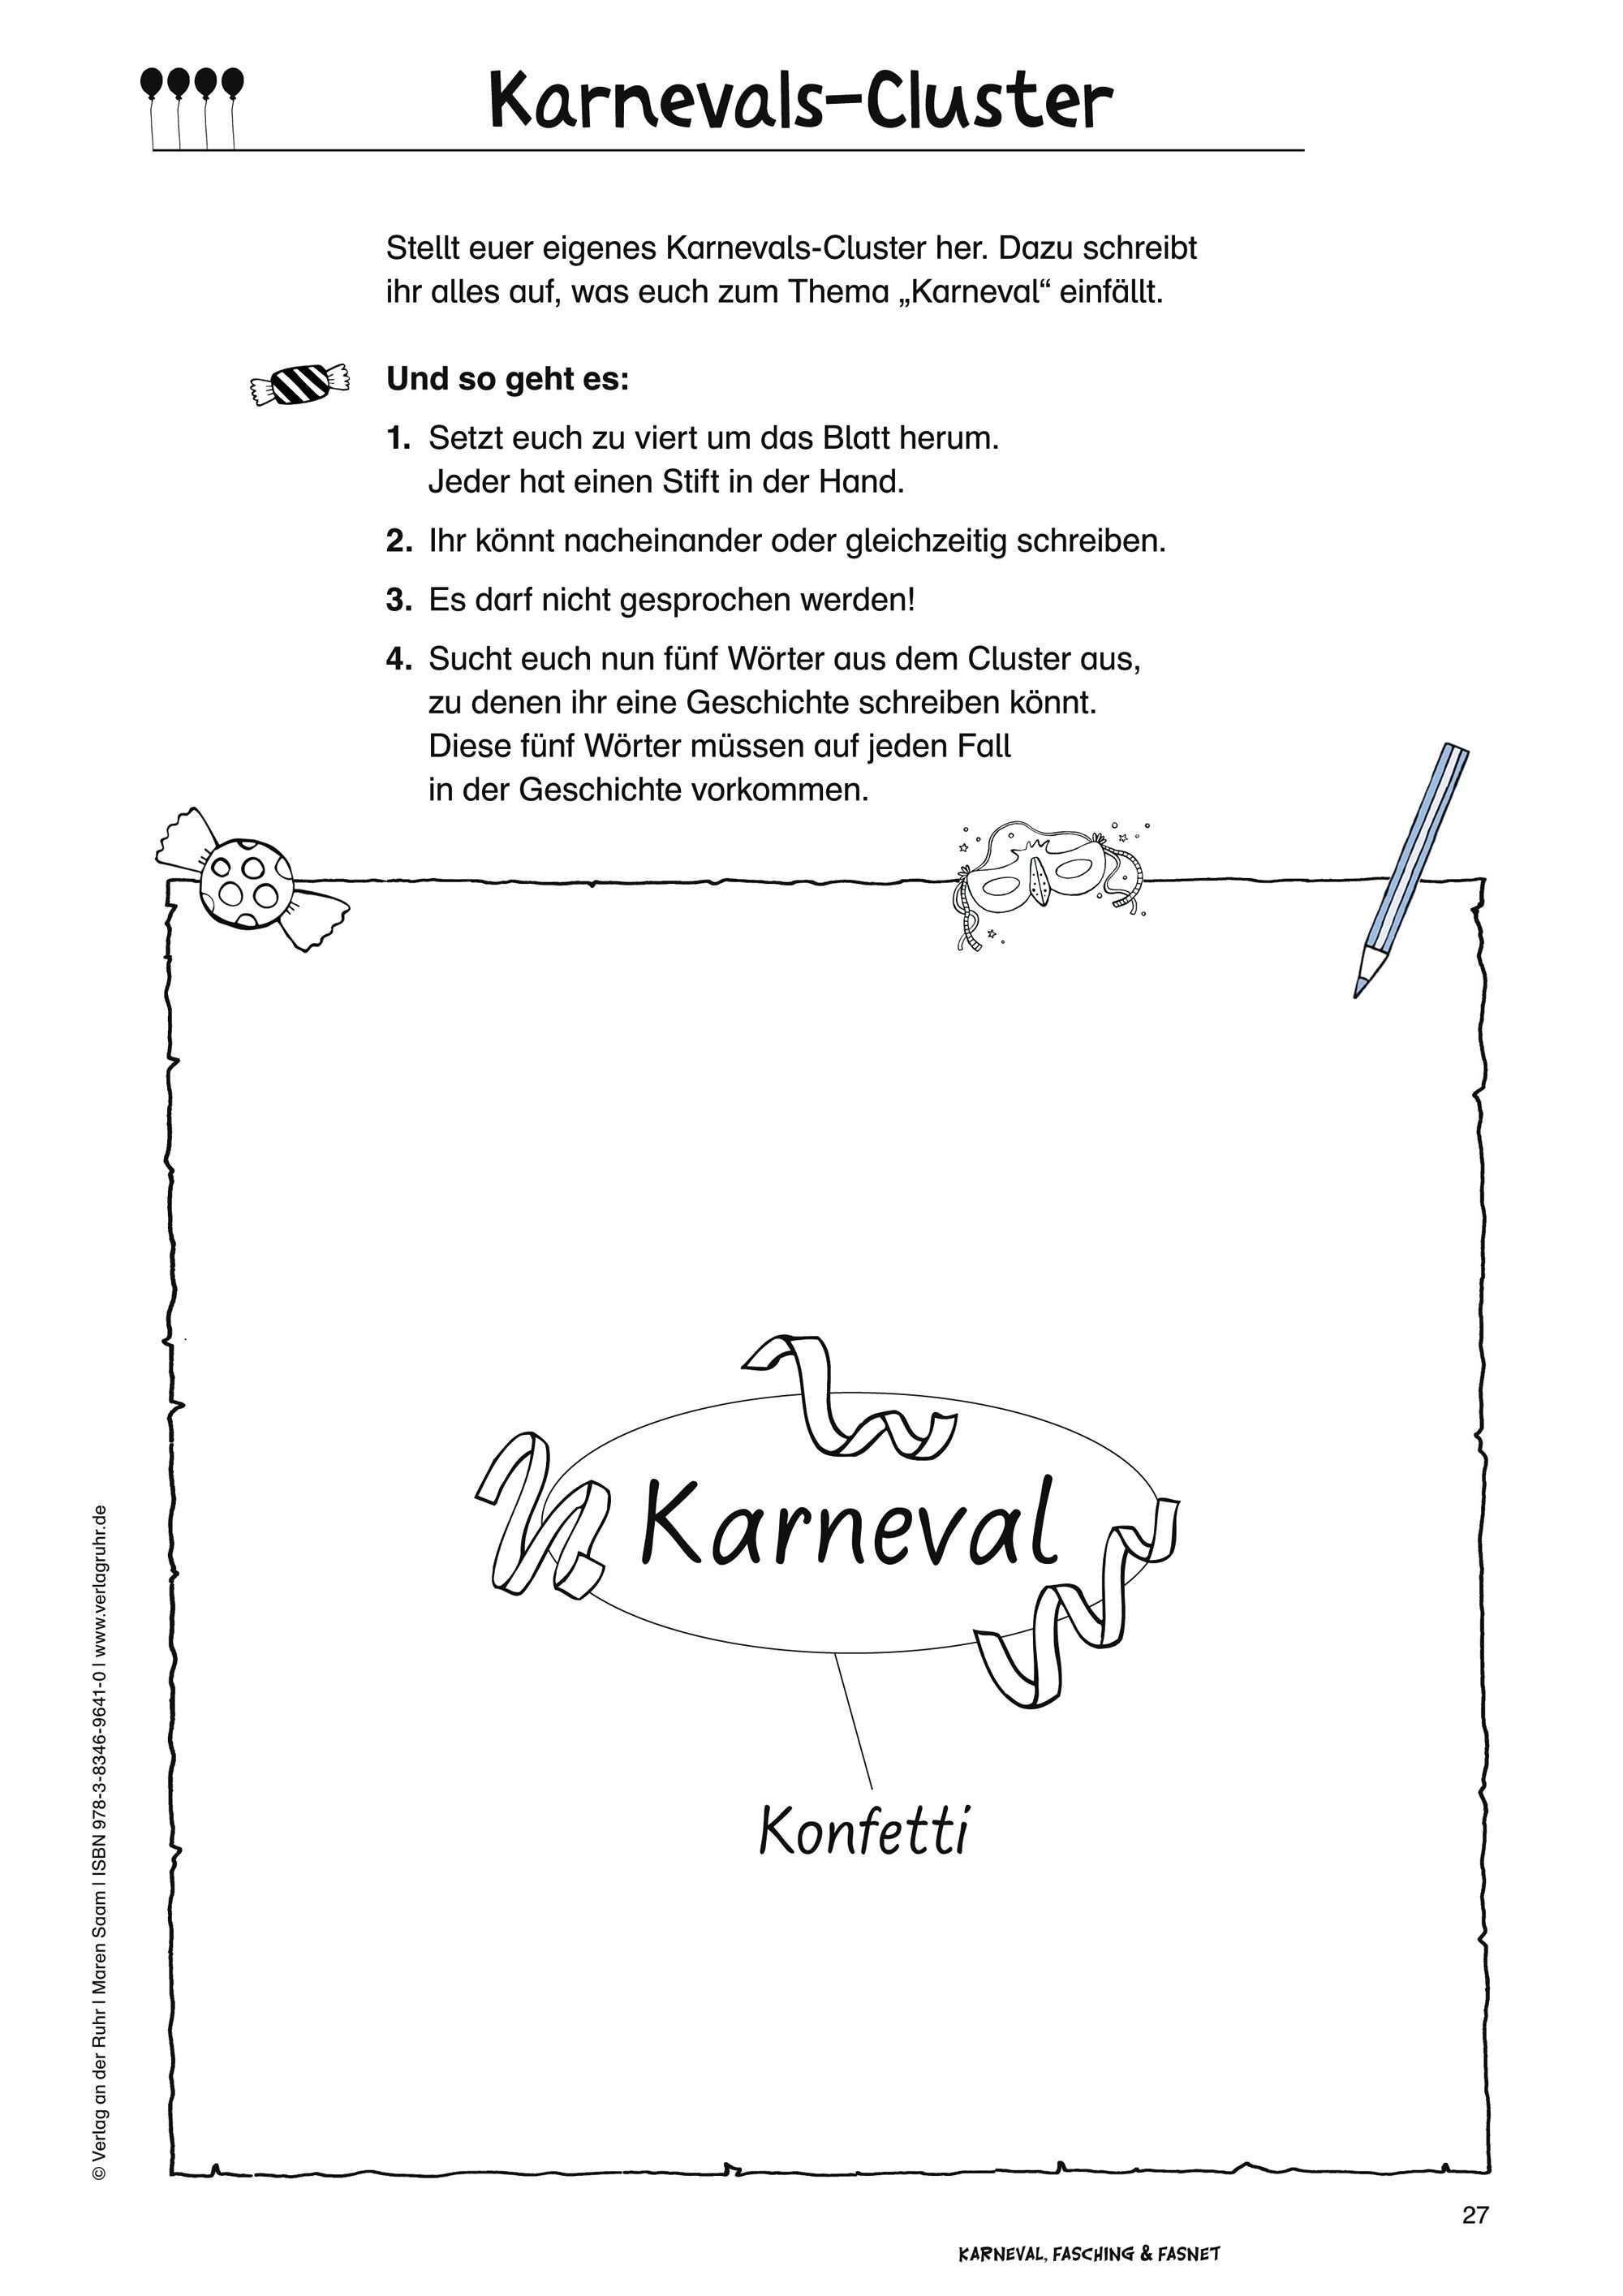 Karnevals Cluster Aus Karneval Fasching Und Fasnet Eine Werkstatt Grundschule Sachunterricht Klasse 1 4 Werden Sie M Grundschule Fasching Schule